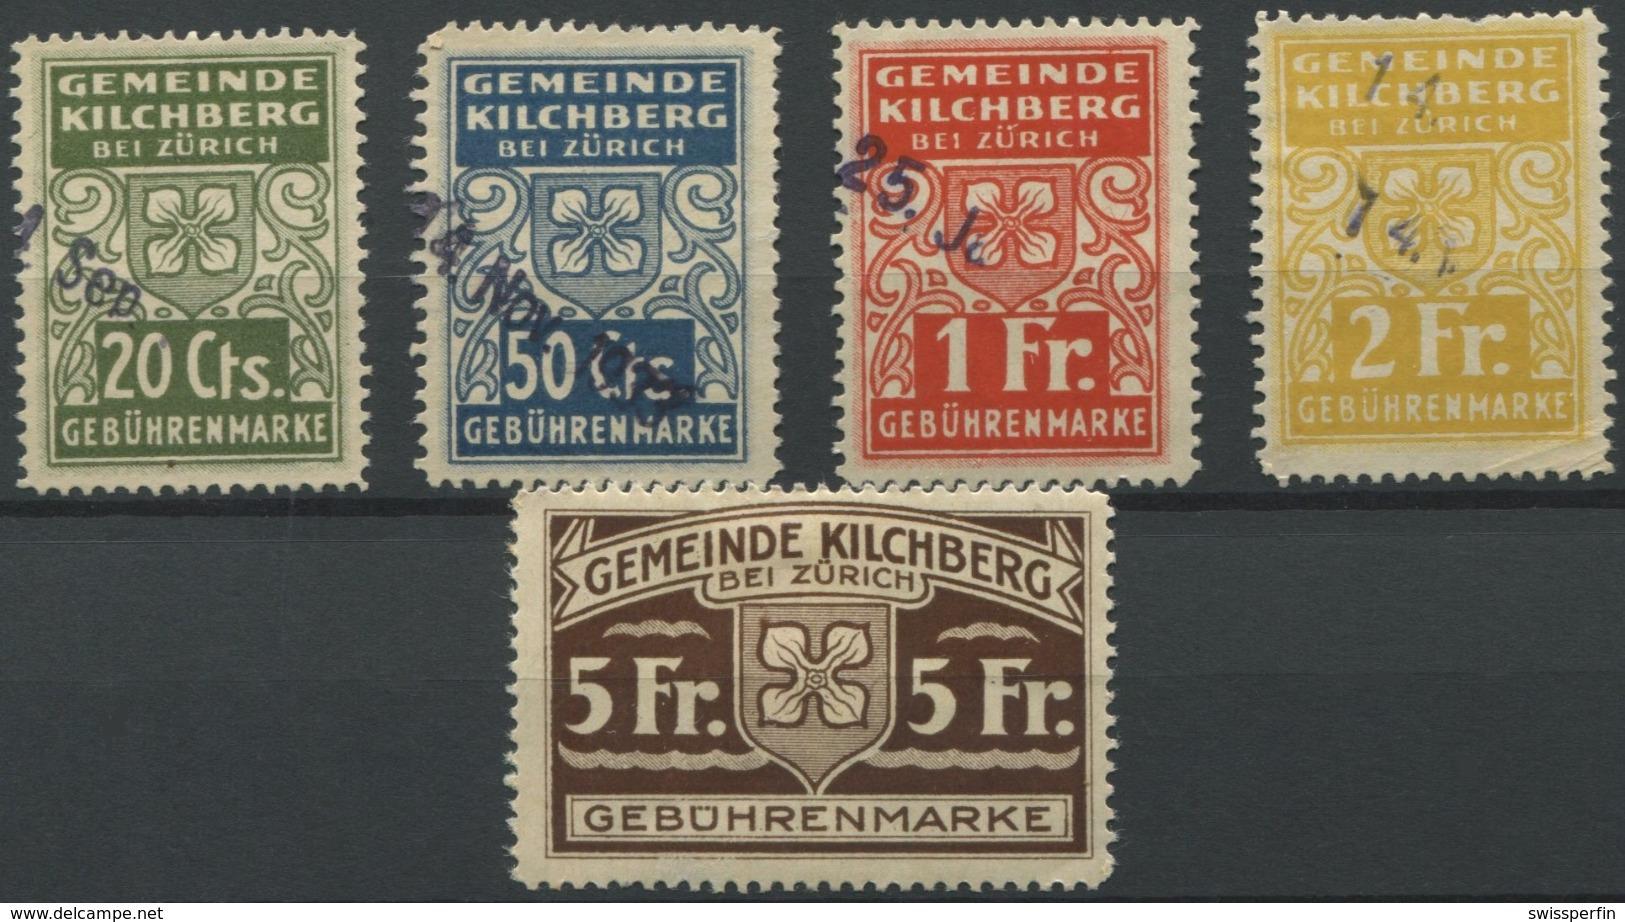 1585 - KILCHBERG - Fiskalmarken - Steuermarken